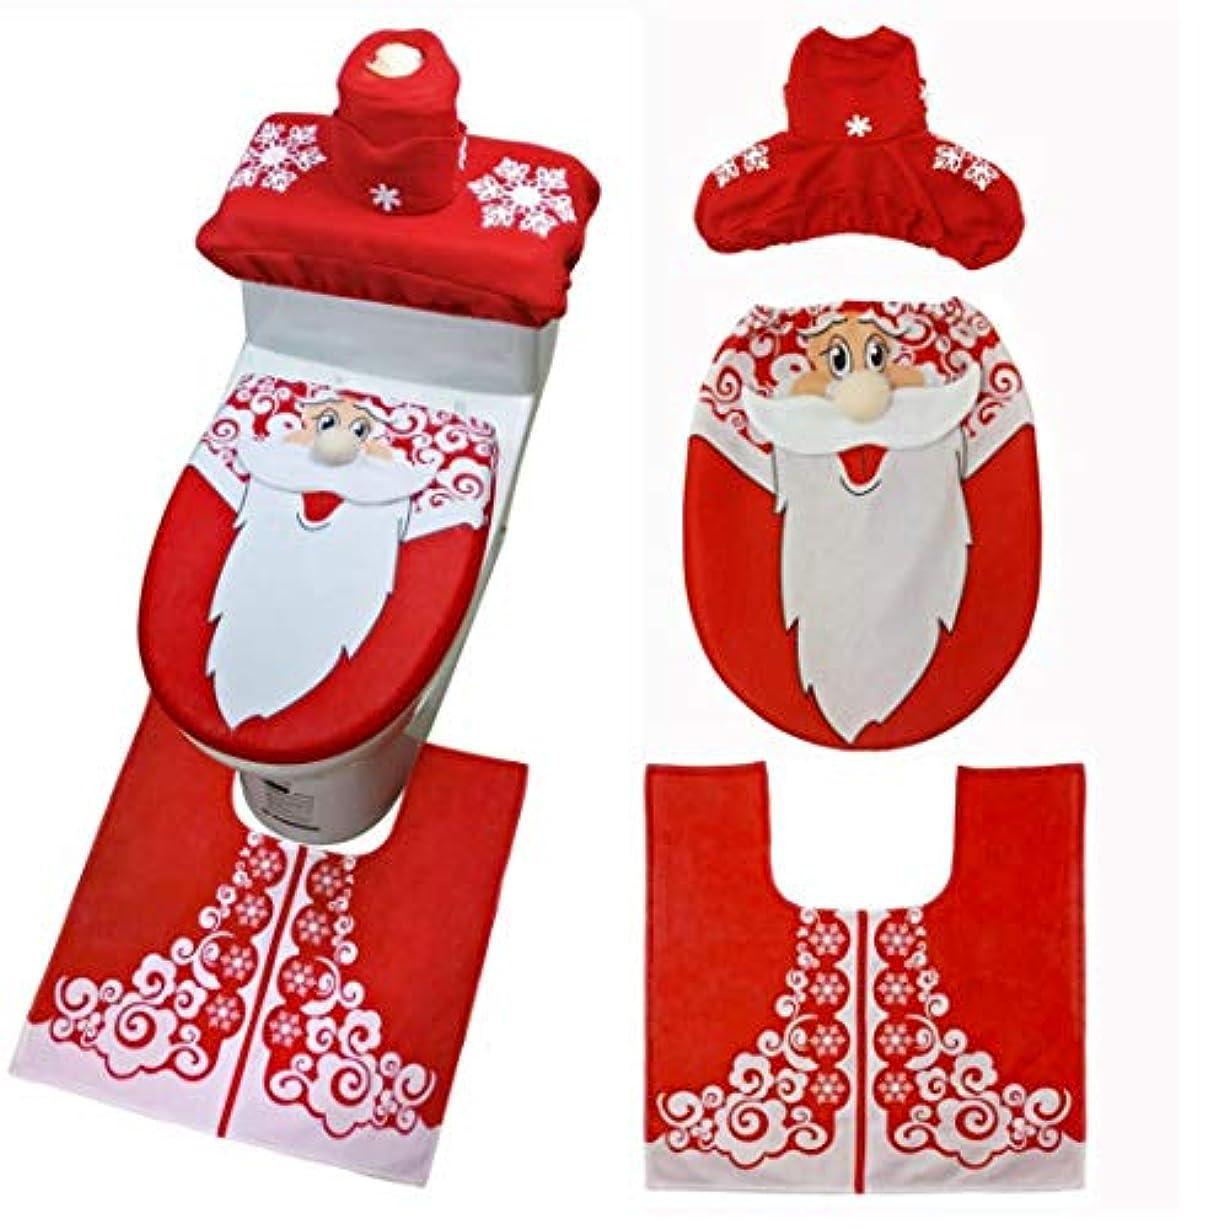 ボット満足隠すSwiftgood 3ピースクリスマストイレシート&カバーサンタクロースバスルームマットクリスマスかわいい装飾